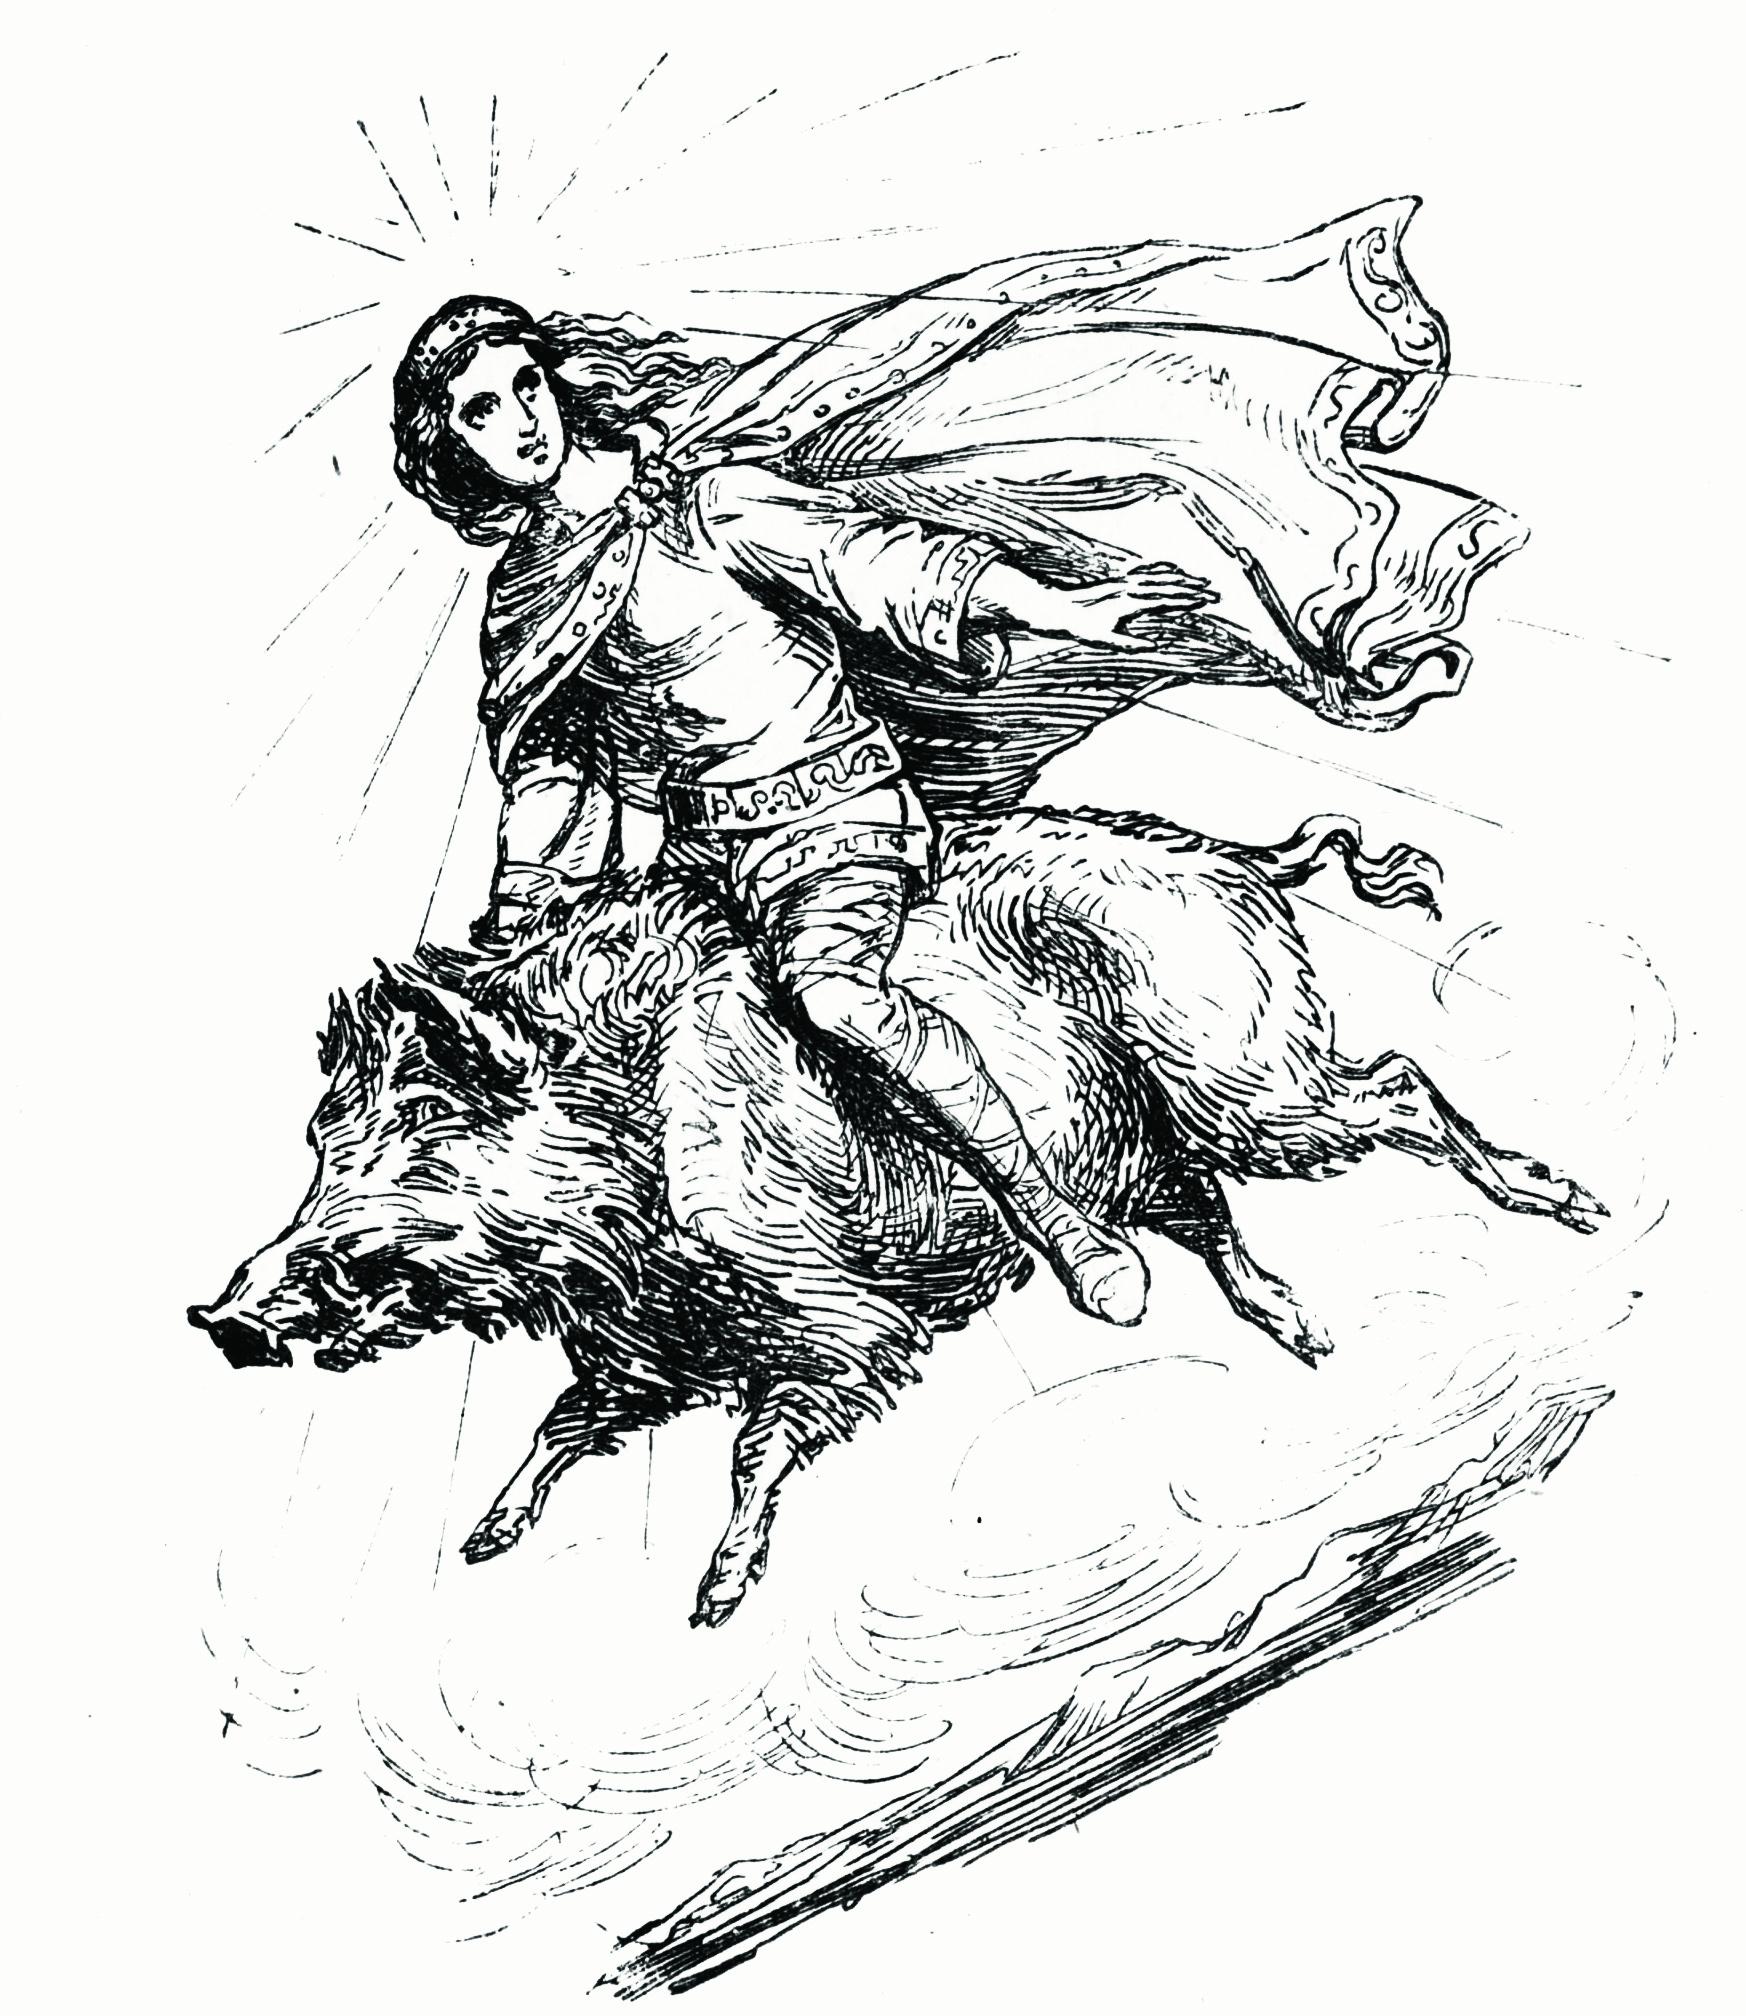 Freyr_riding_Gullinbursti-offwhite.jpg